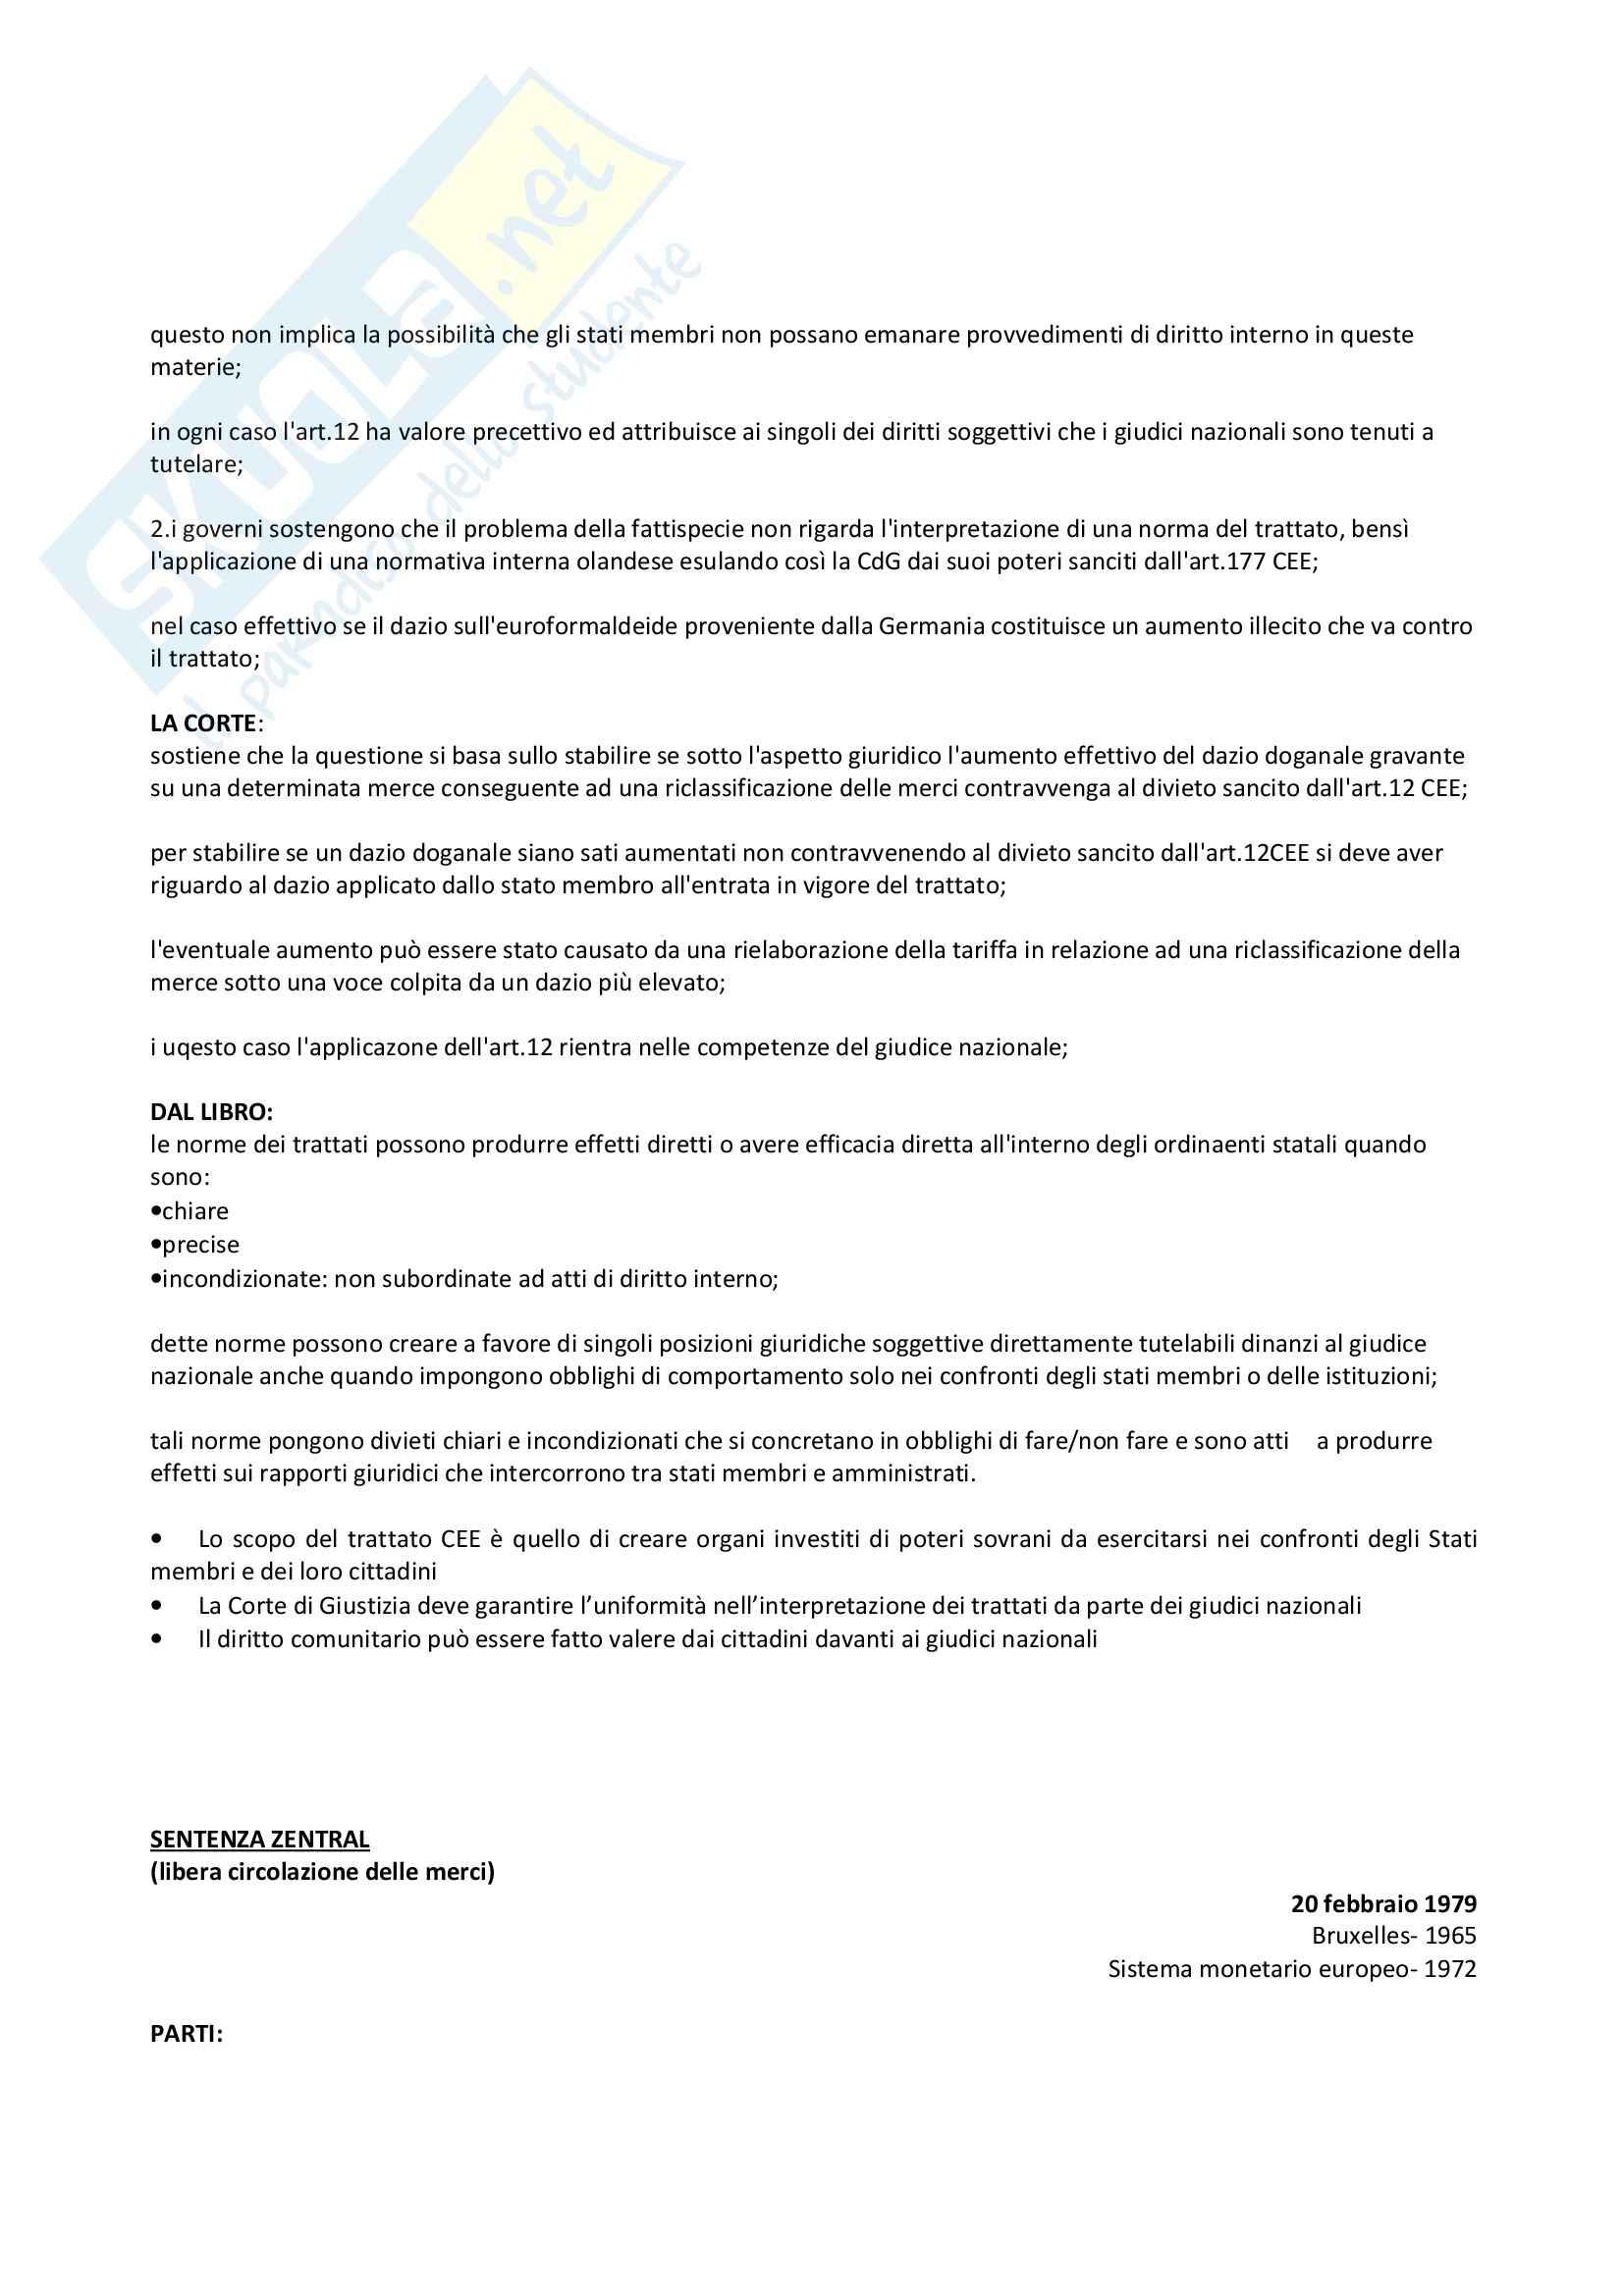 Diritto europeo - sentenze corte di giustizia (UE) Pag. 2